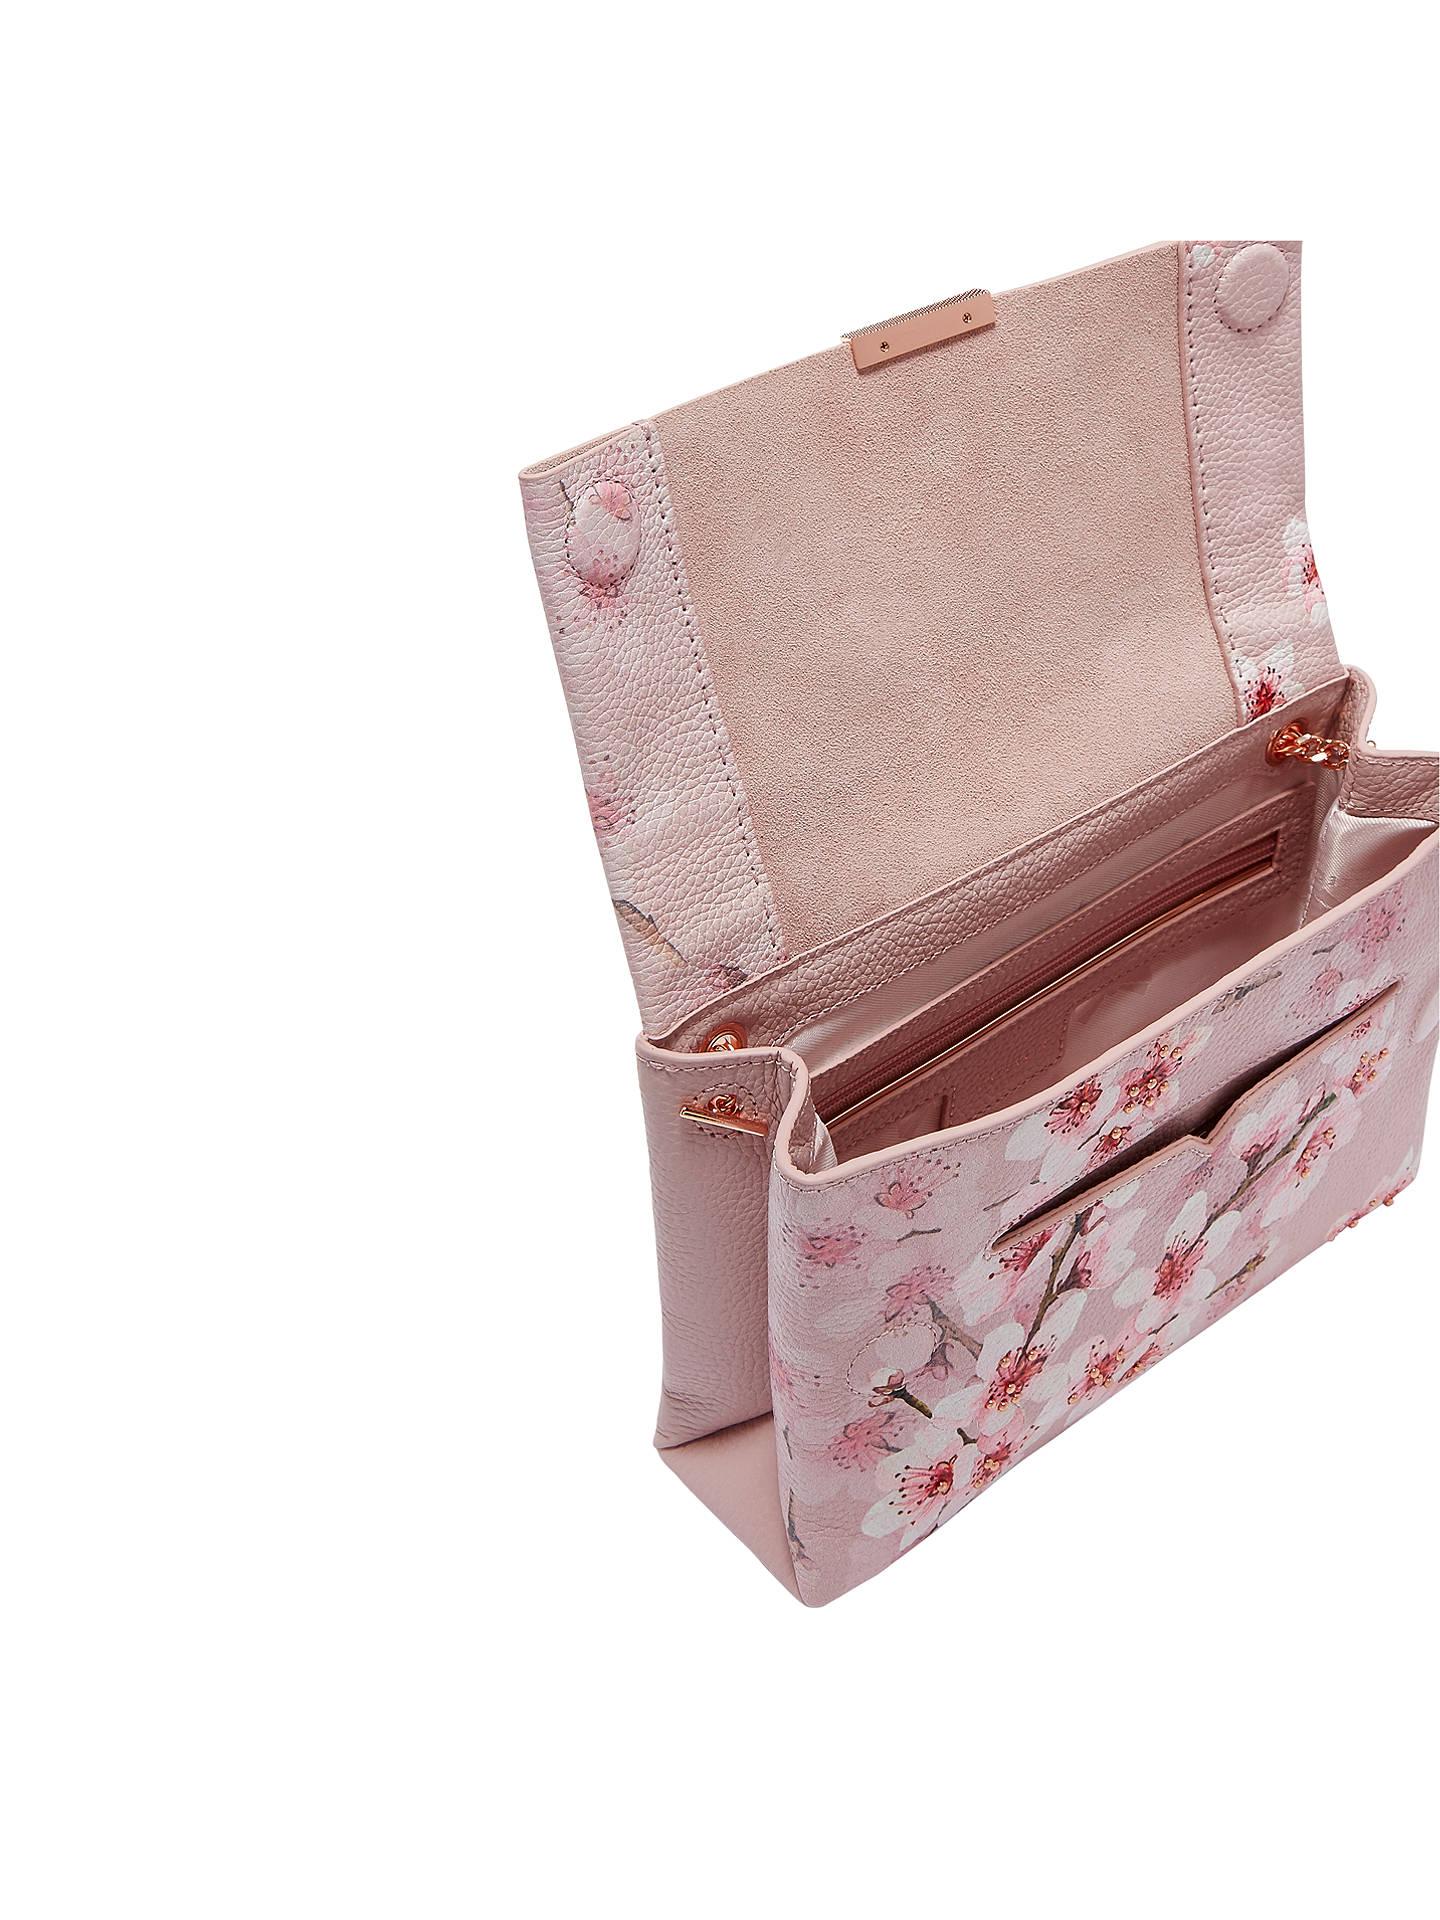 35e7130b629 ... Buy Ted Baker Jayy Soft Blossom Leather Cross Body Bag, Light Pink  Online at johnlewis ...